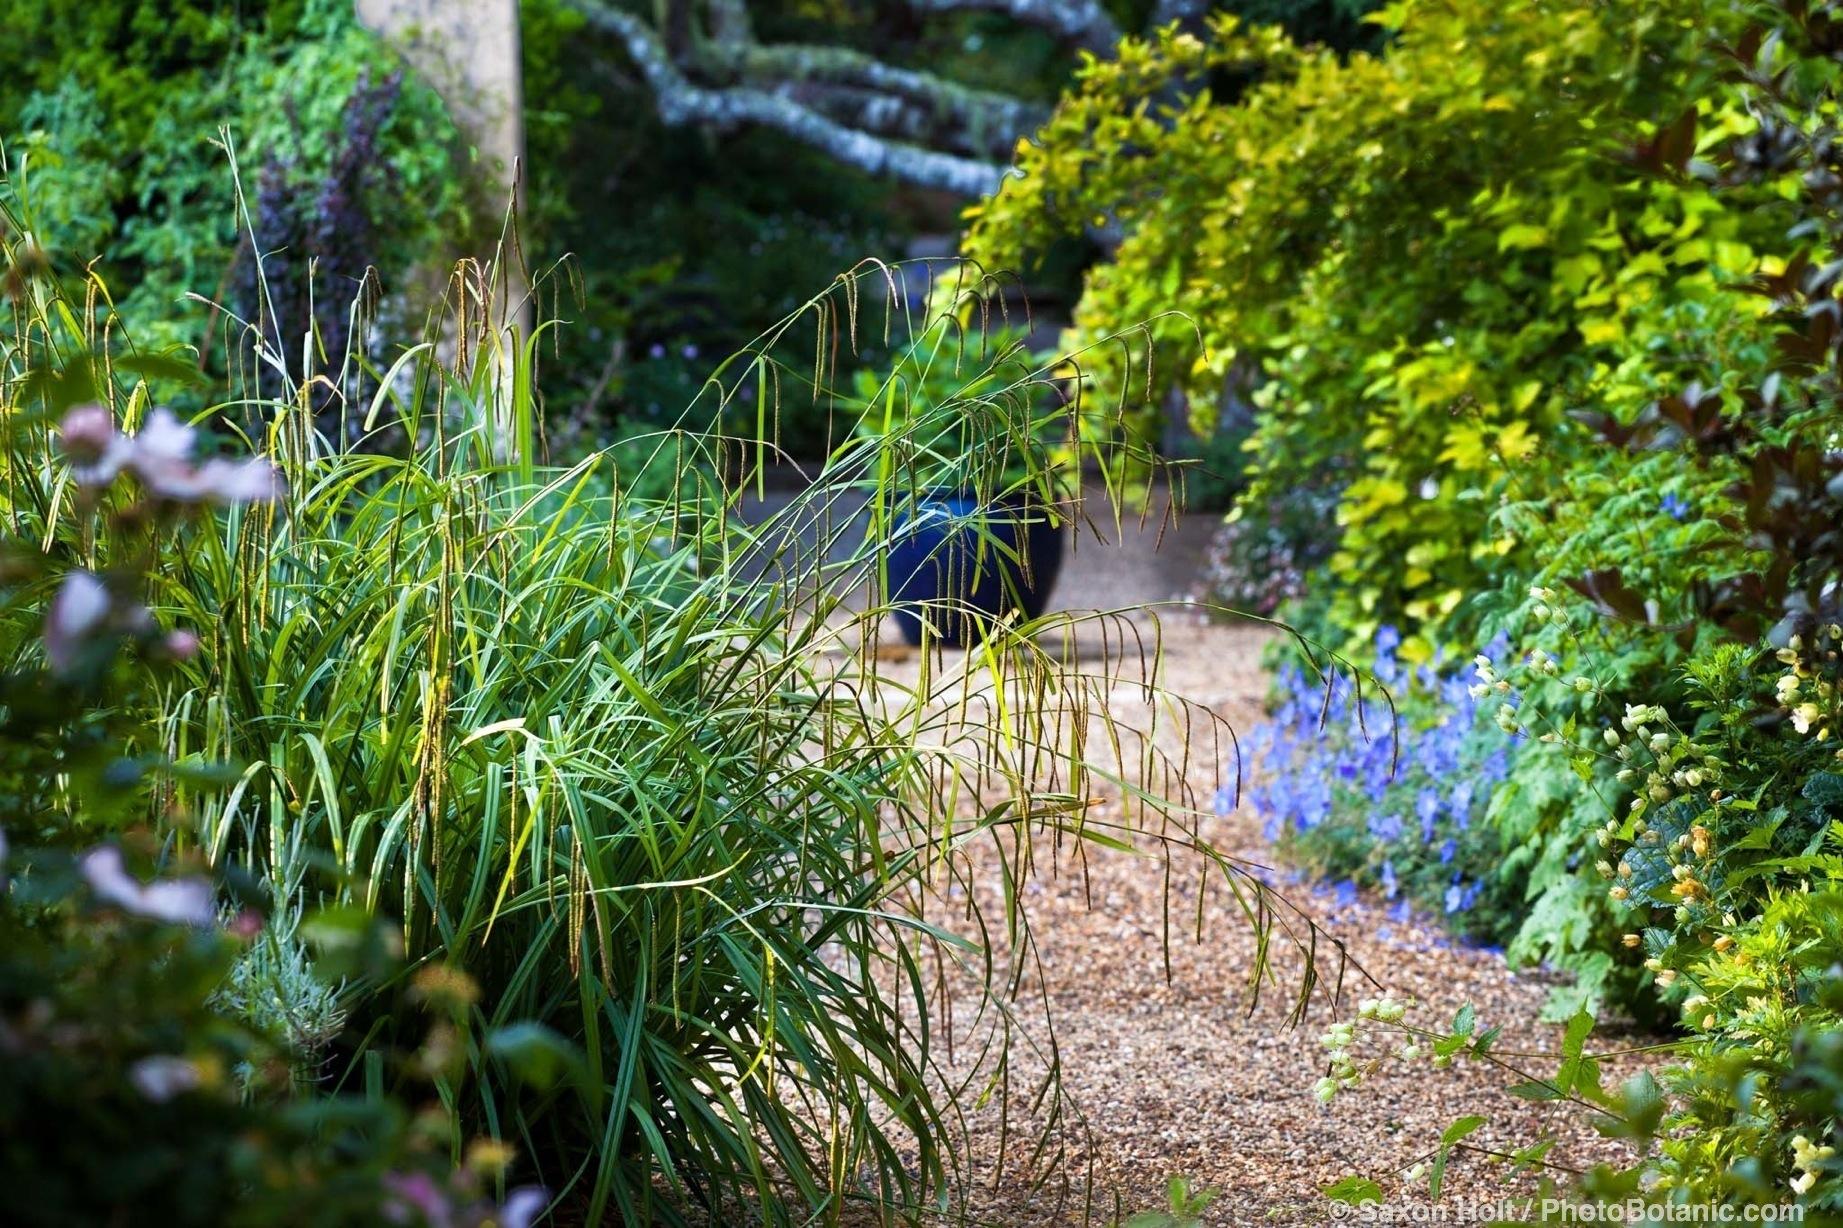 Sedge, Carex pendula flowering over pathway in Gary Ratway garden